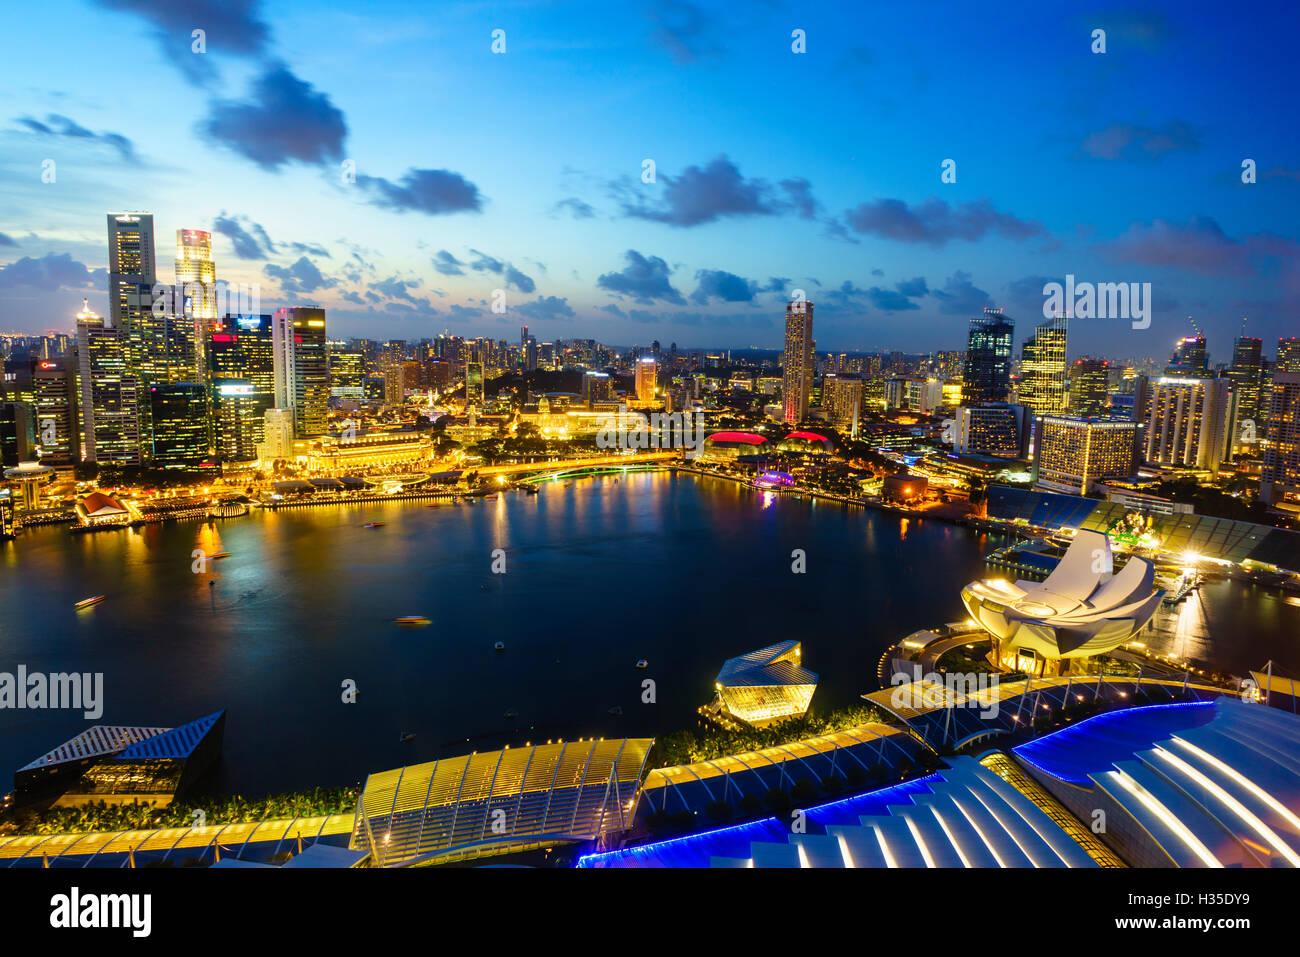 Las torres del distrito central de negocios y a la bahía de Marina al atardecer, Singapur Imagen De Stock